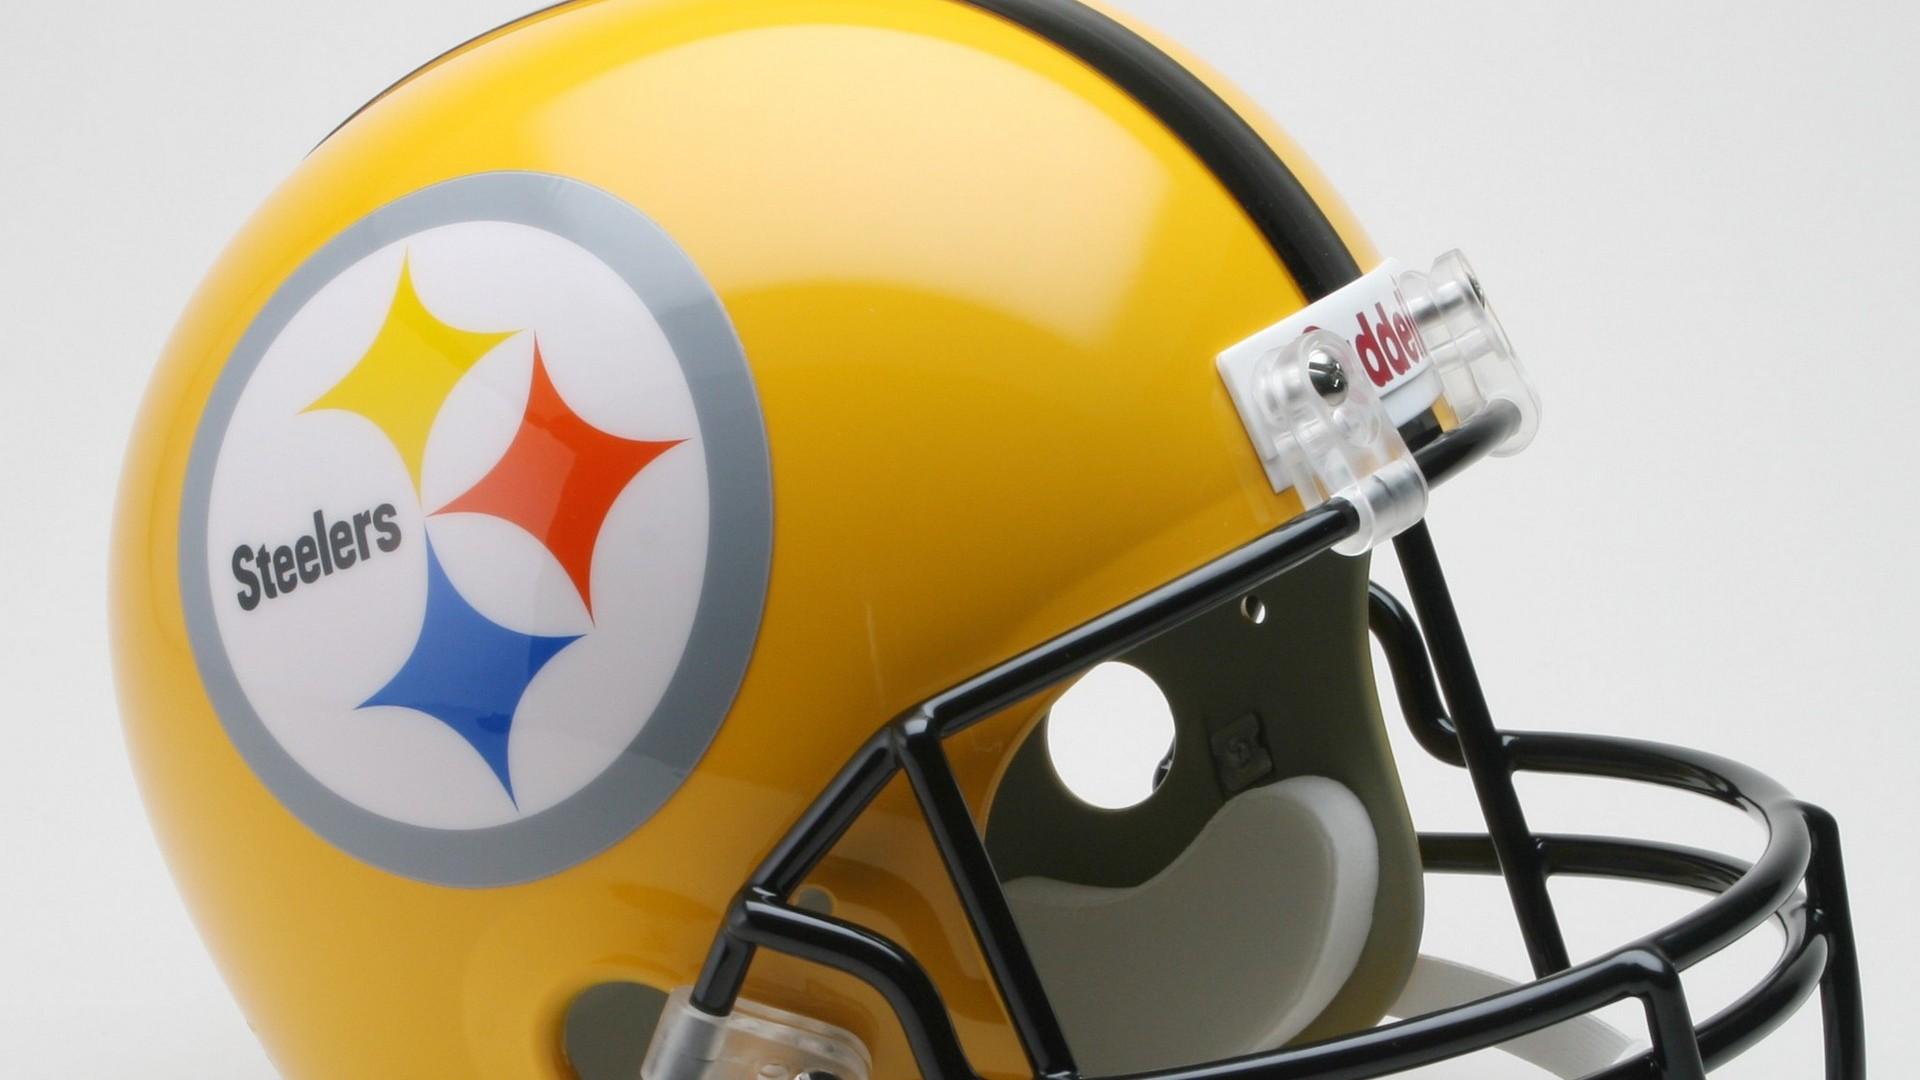 Wallpaper pittsburgh steelers, american football, helmet